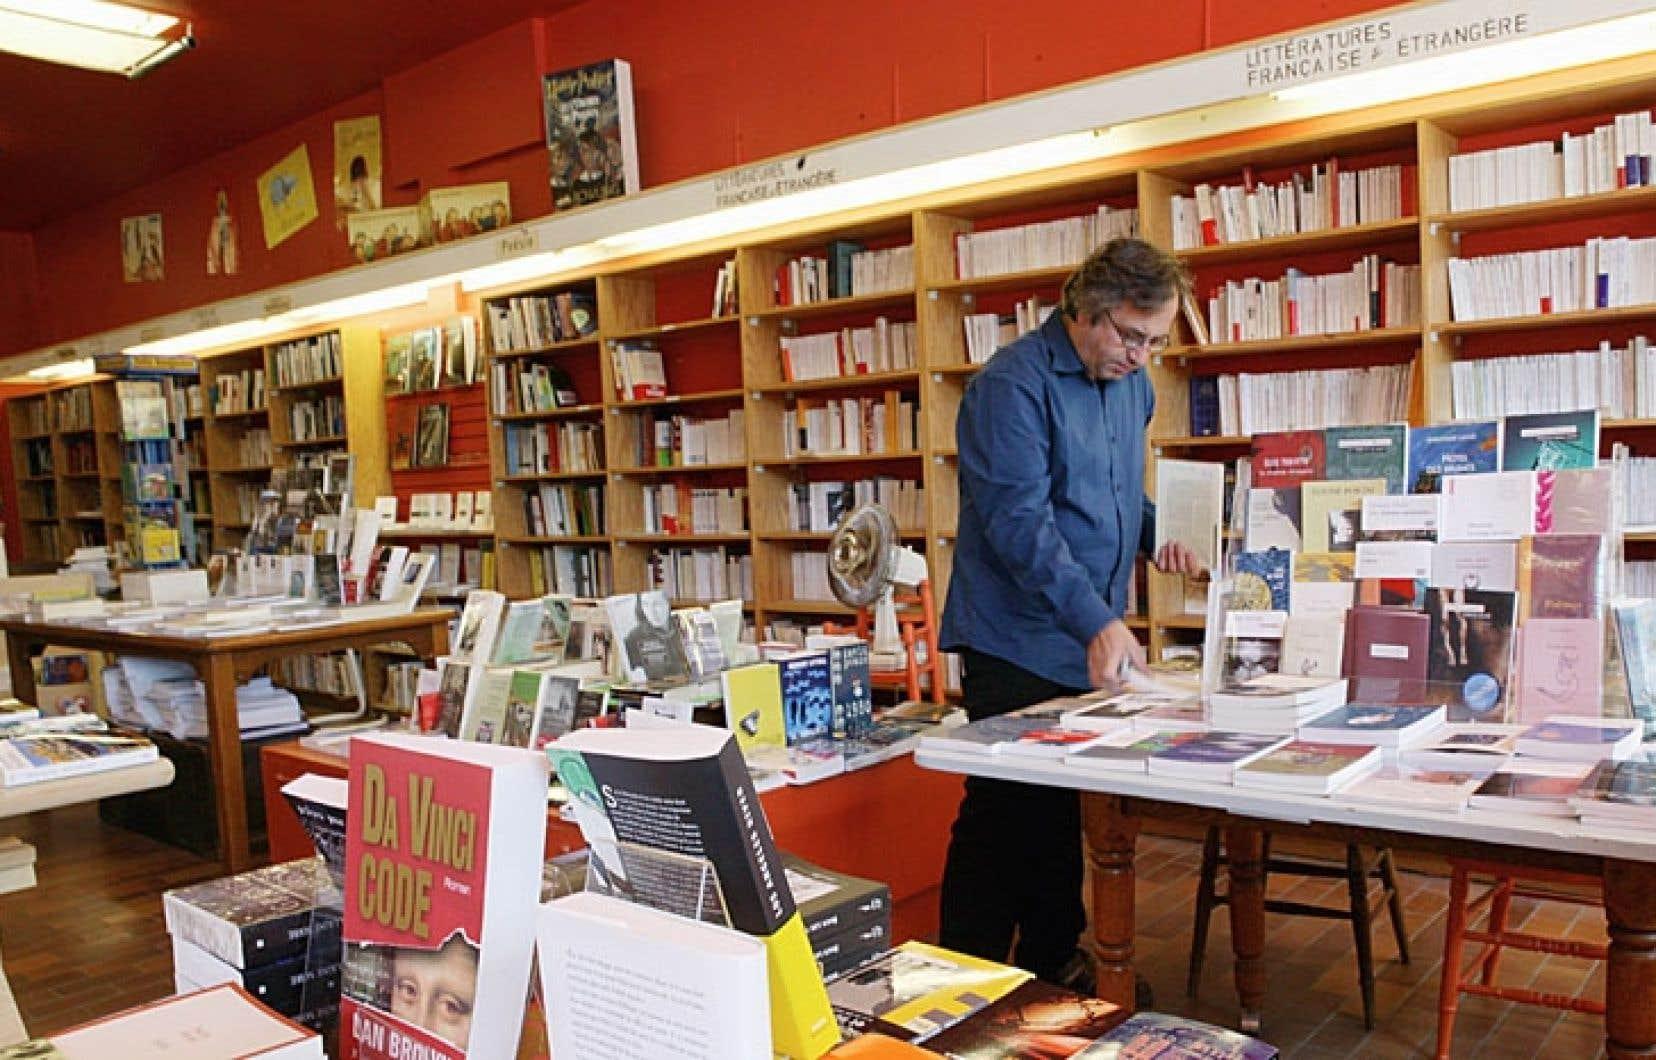 Depuis cinq ans, seize librairies agréées ont fermé leurs portes au Québec. Ci-dessus, l'intérieur de la boutique L'Écume des jours, à Montréal.